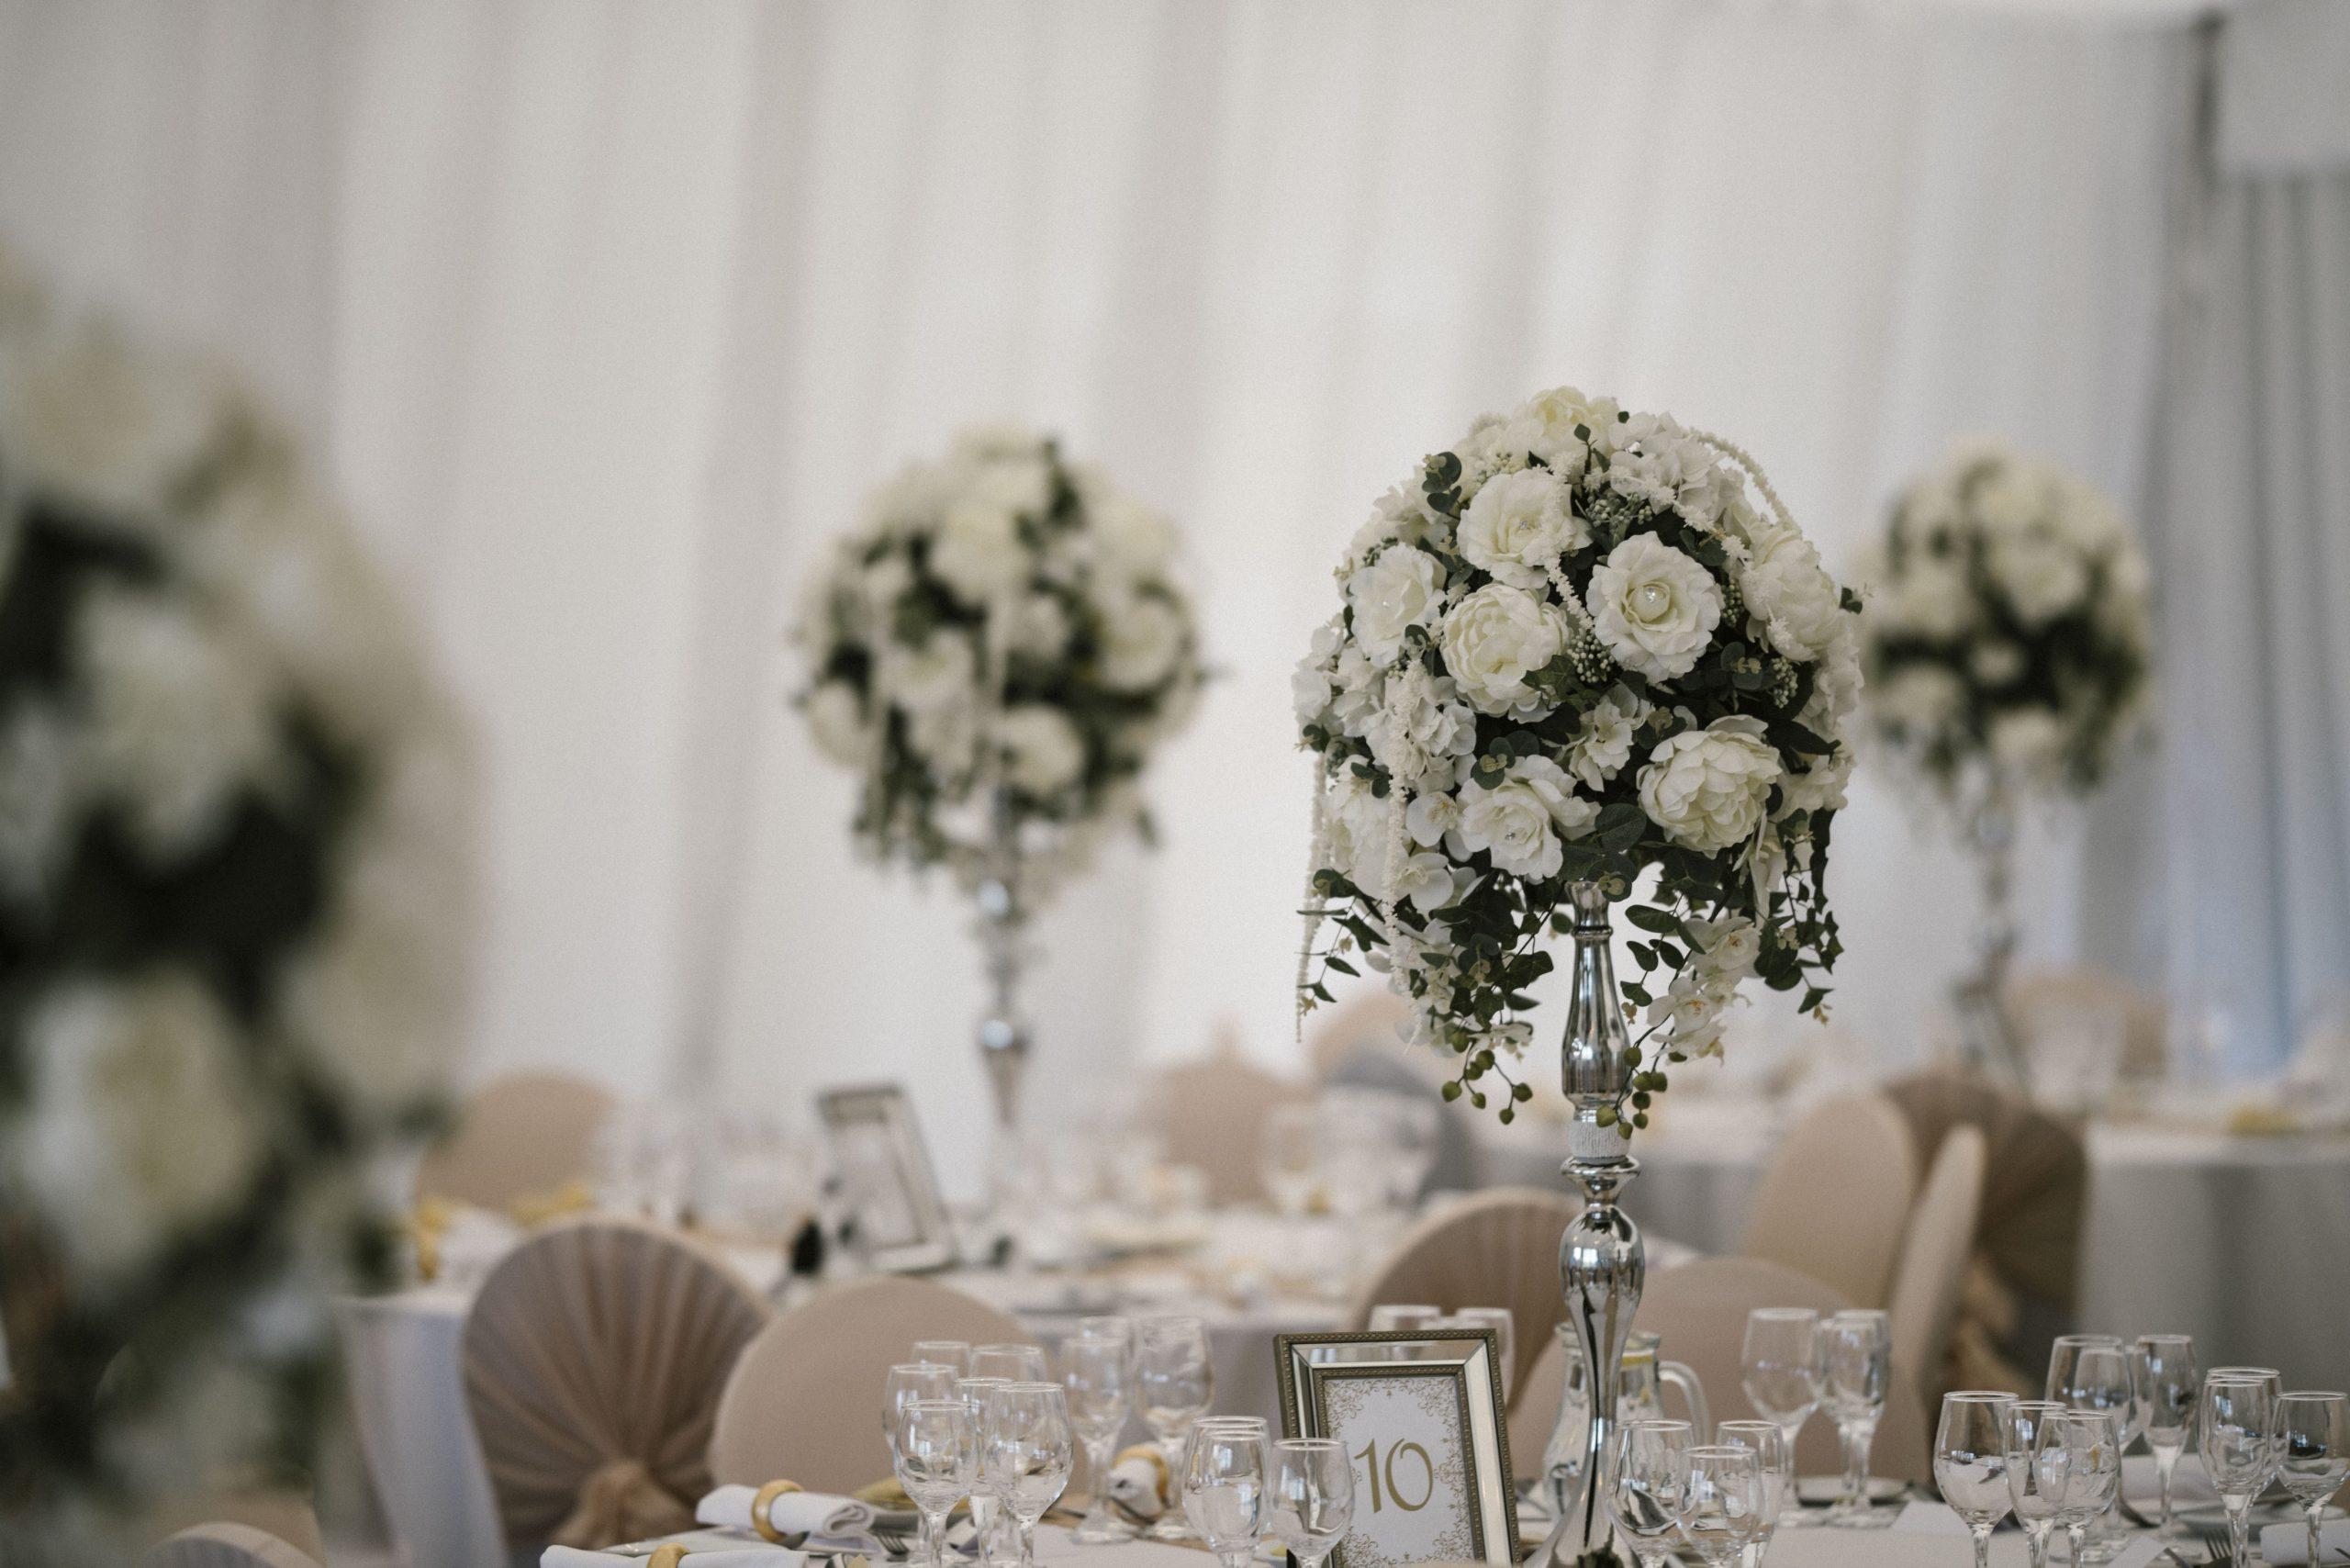 Pretty Flowers Wedding Centrepiece Design